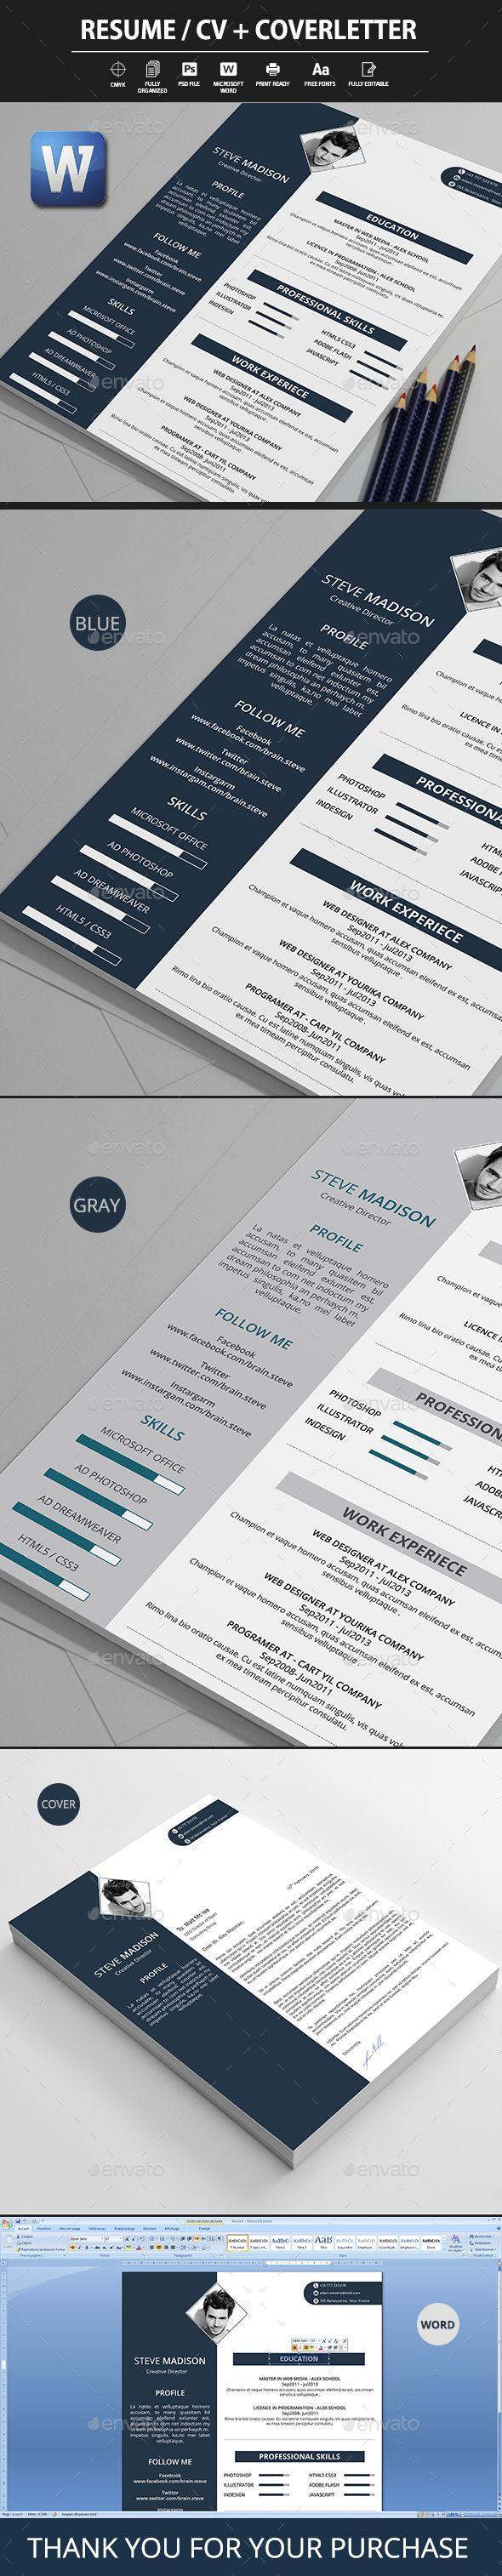 Resume / CV + Coverletter Template PSD. Download here: http://graphicriver.net/item/resume-/14768866?ref=ksioks